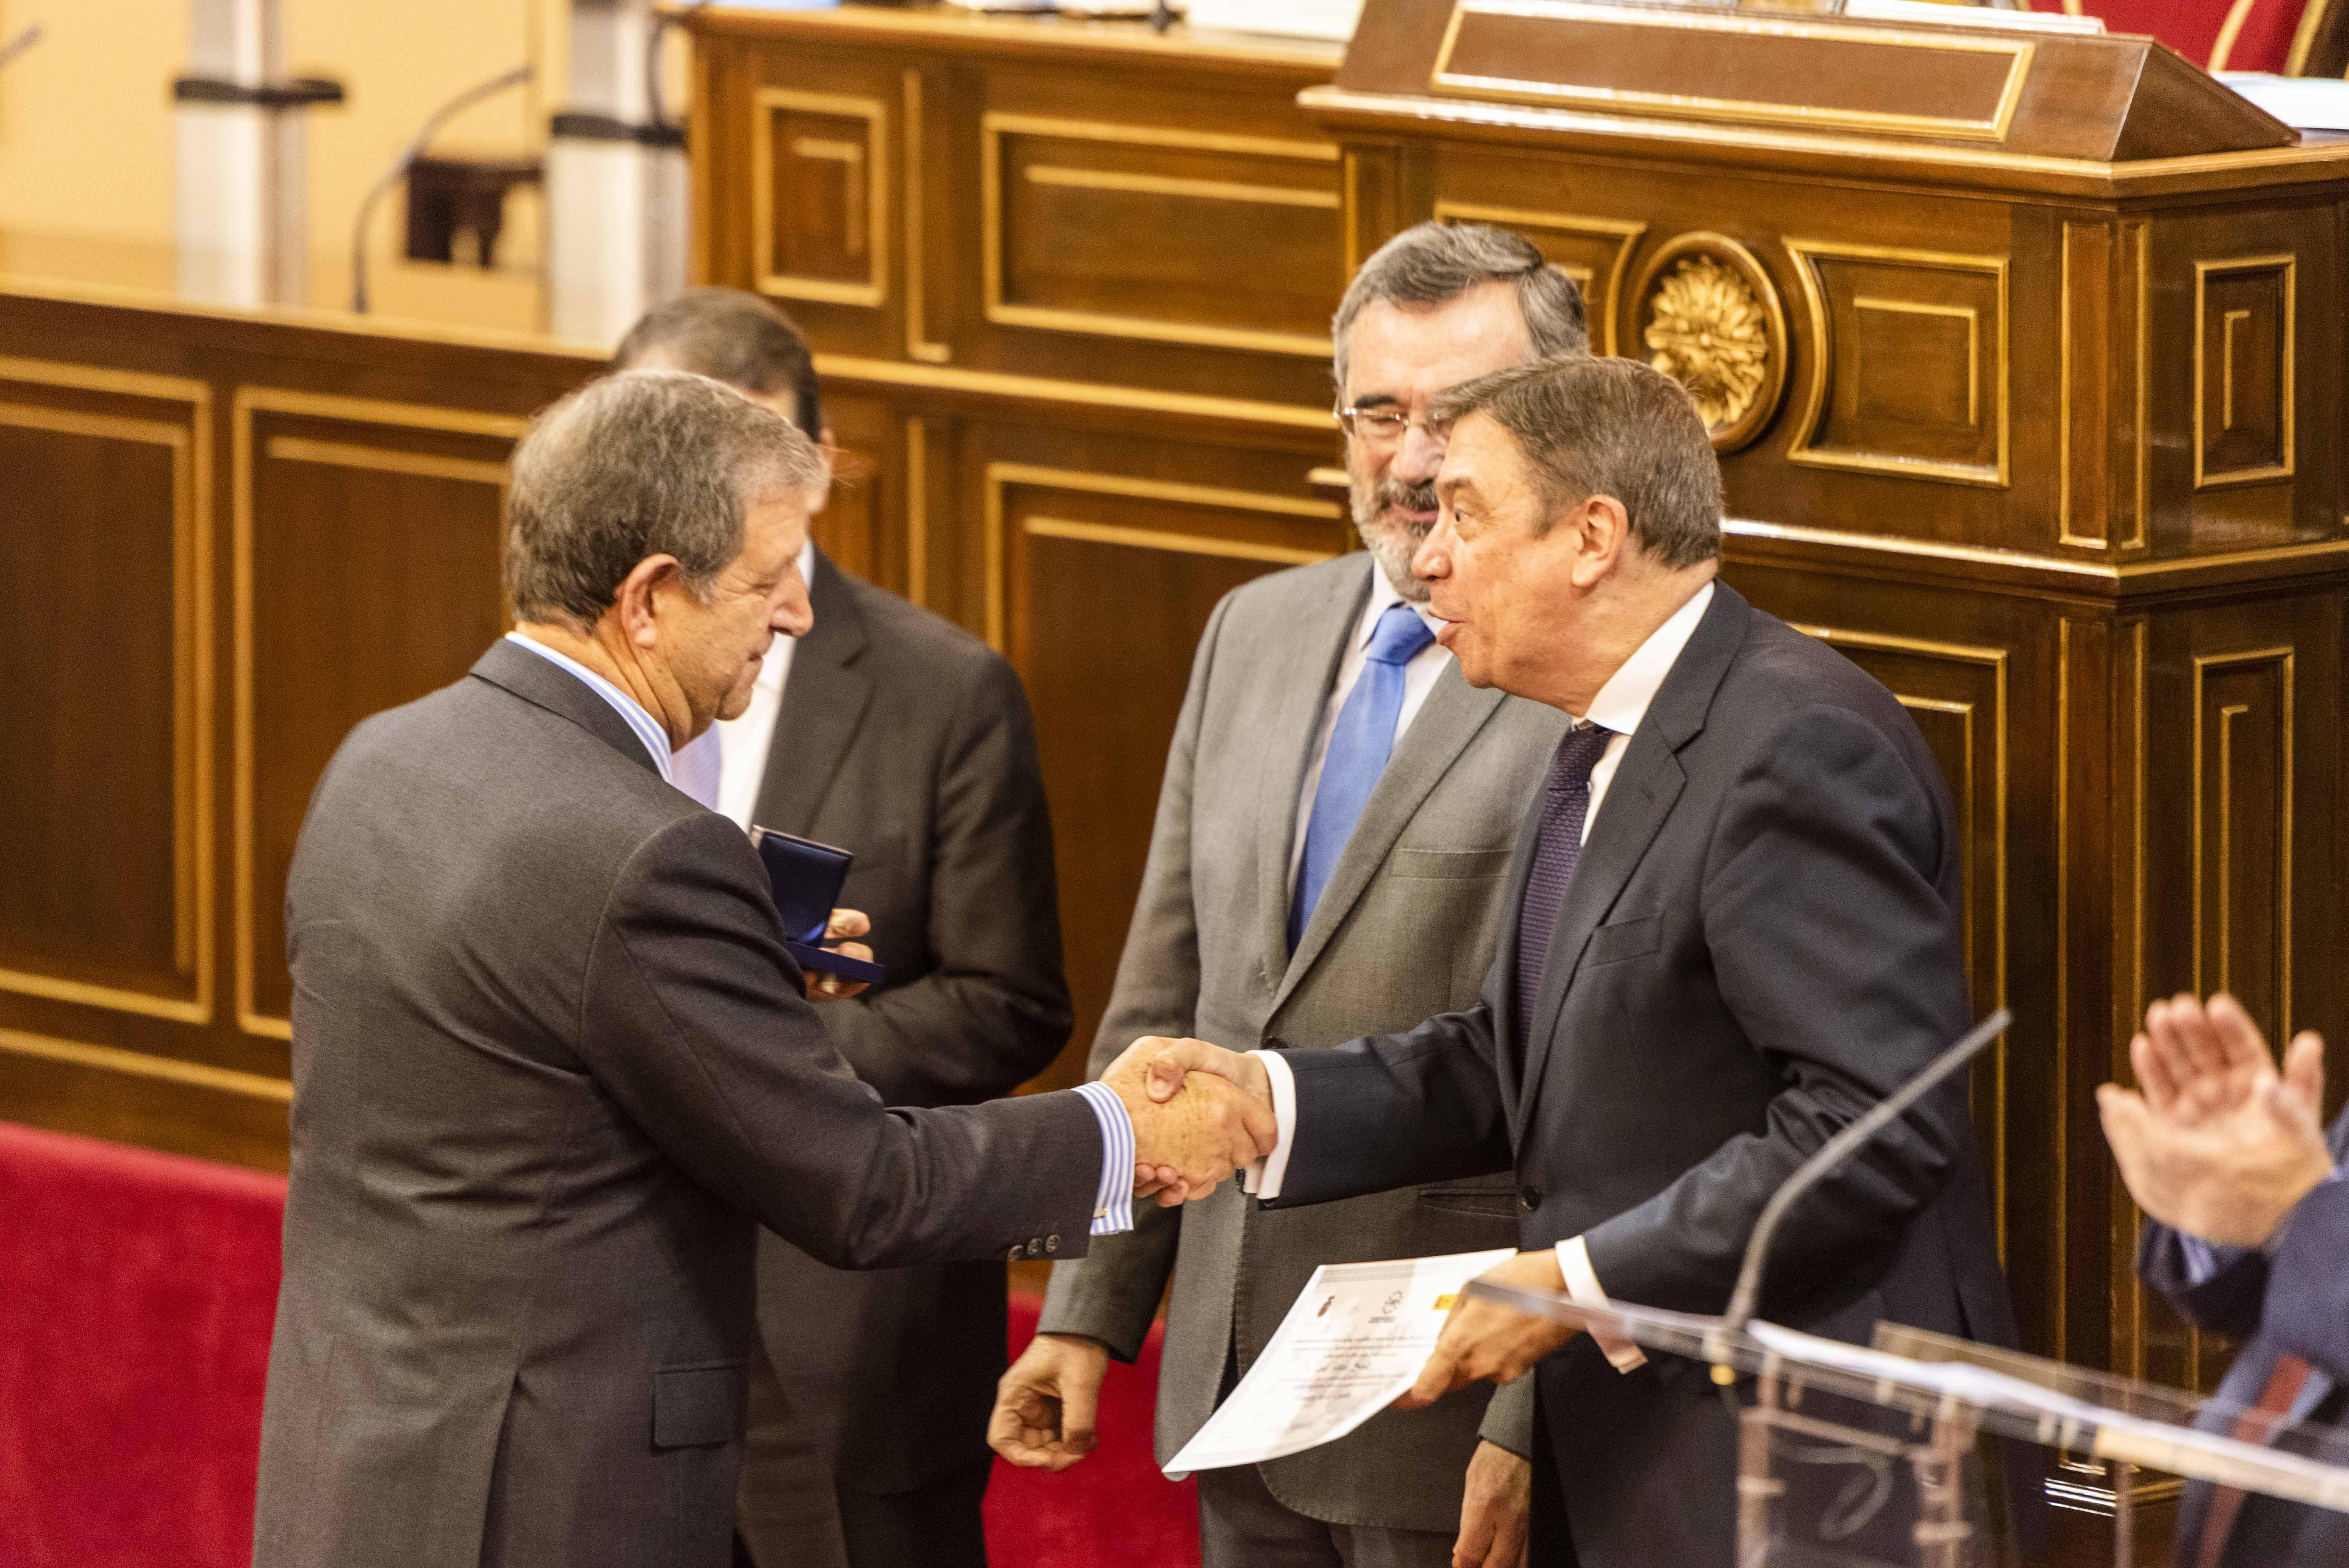 Momento de entrega del galardón de la FEMP al alcalde por el Ministro de Política Territorial en funciones.